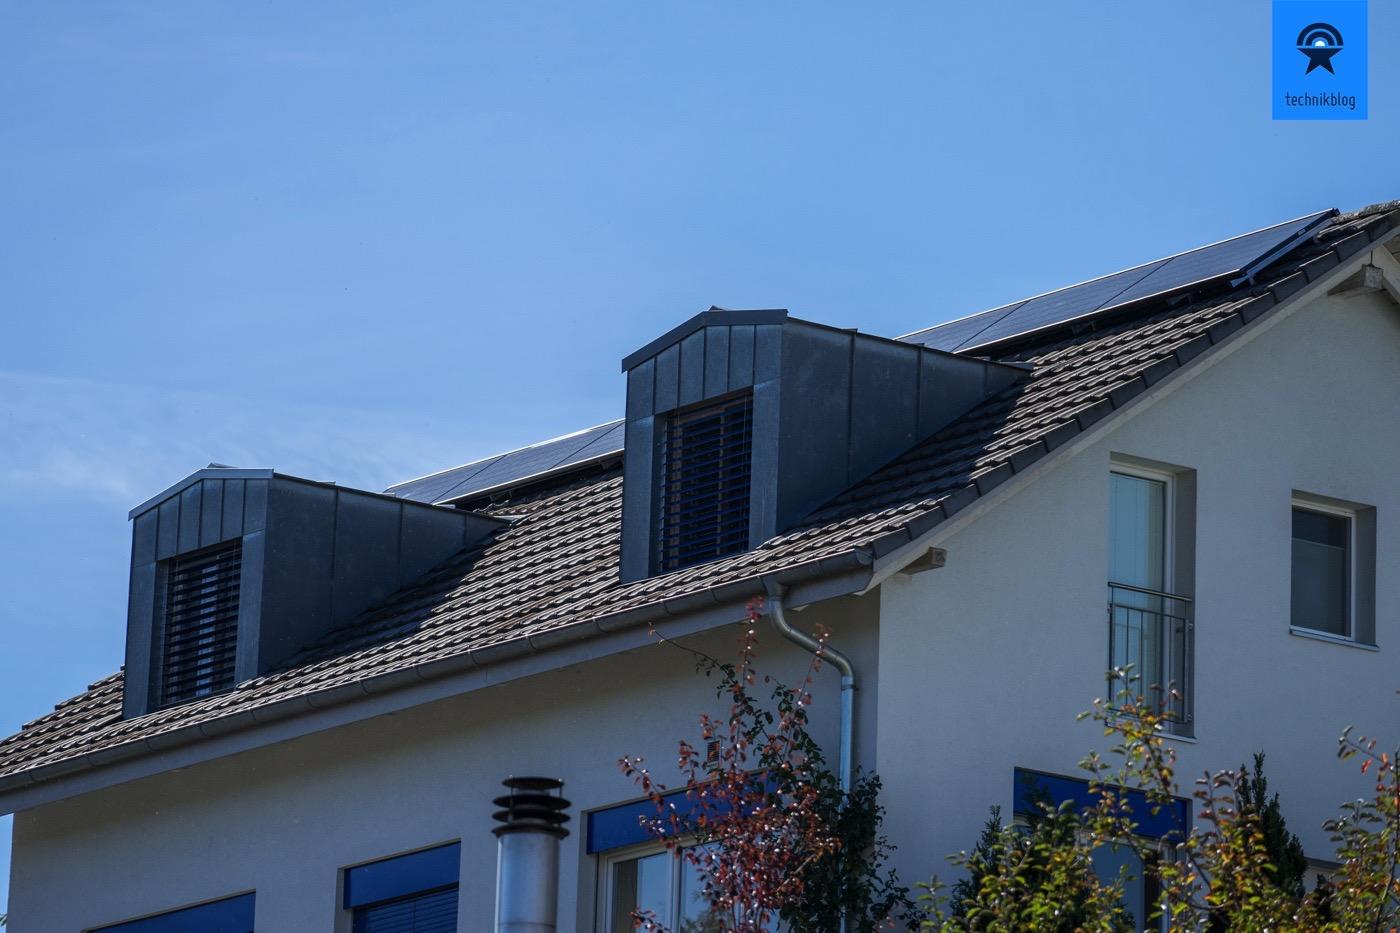 eigene photovoltaik anlage installiert planung realisierung n chste schritte. Black Bedroom Furniture Sets. Home Design Ideas